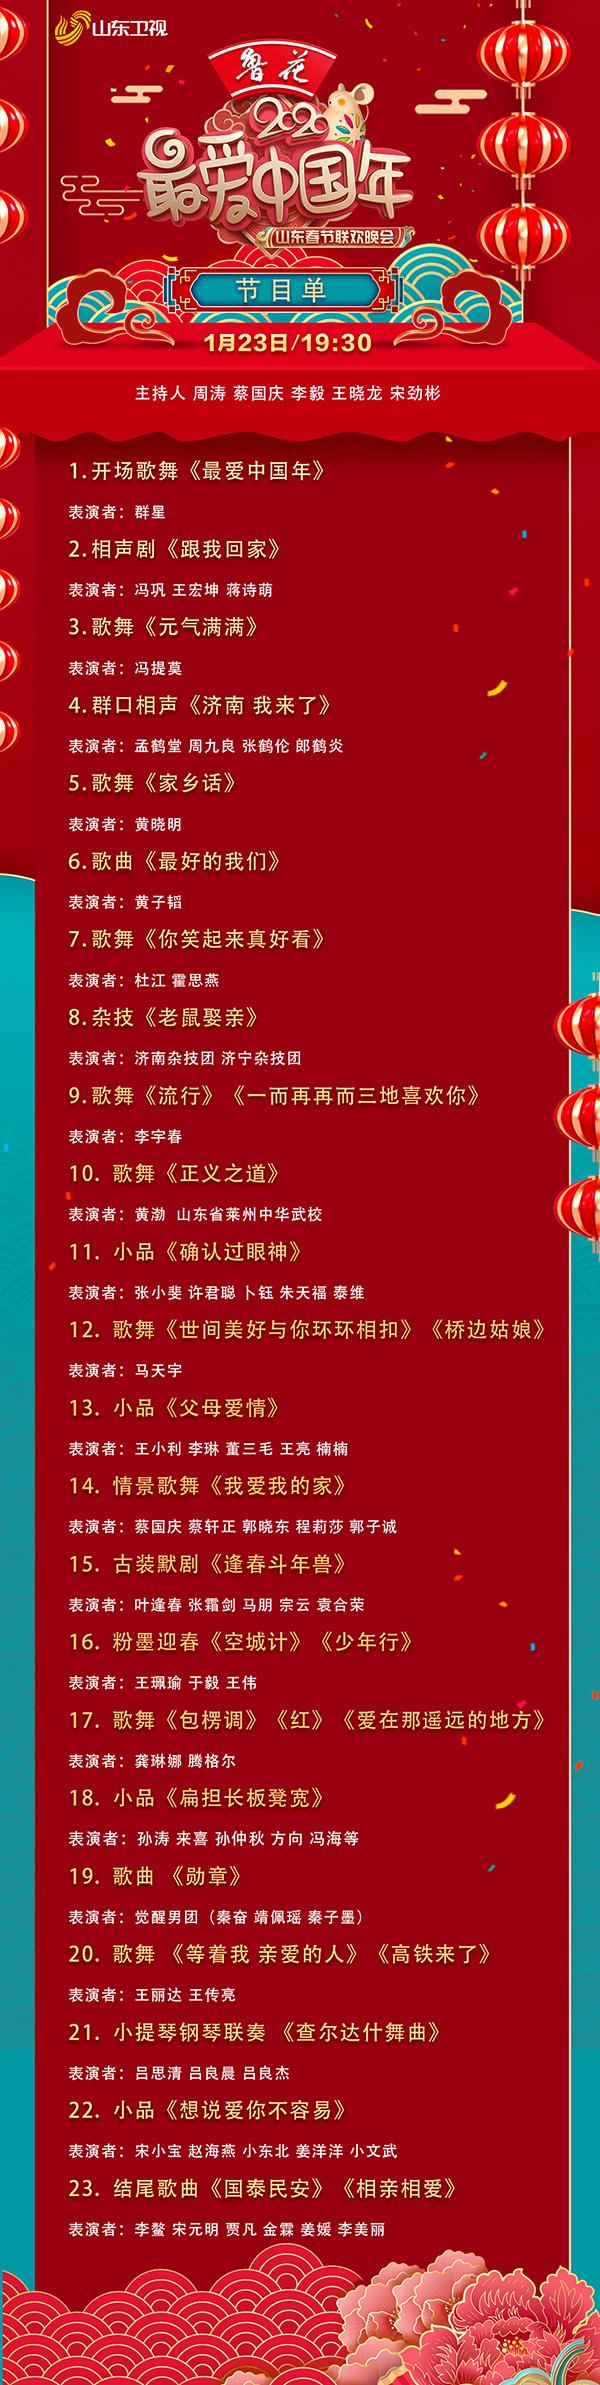 完整节目单、嘉宾阵容来啦!2020山东春晚今晚开播